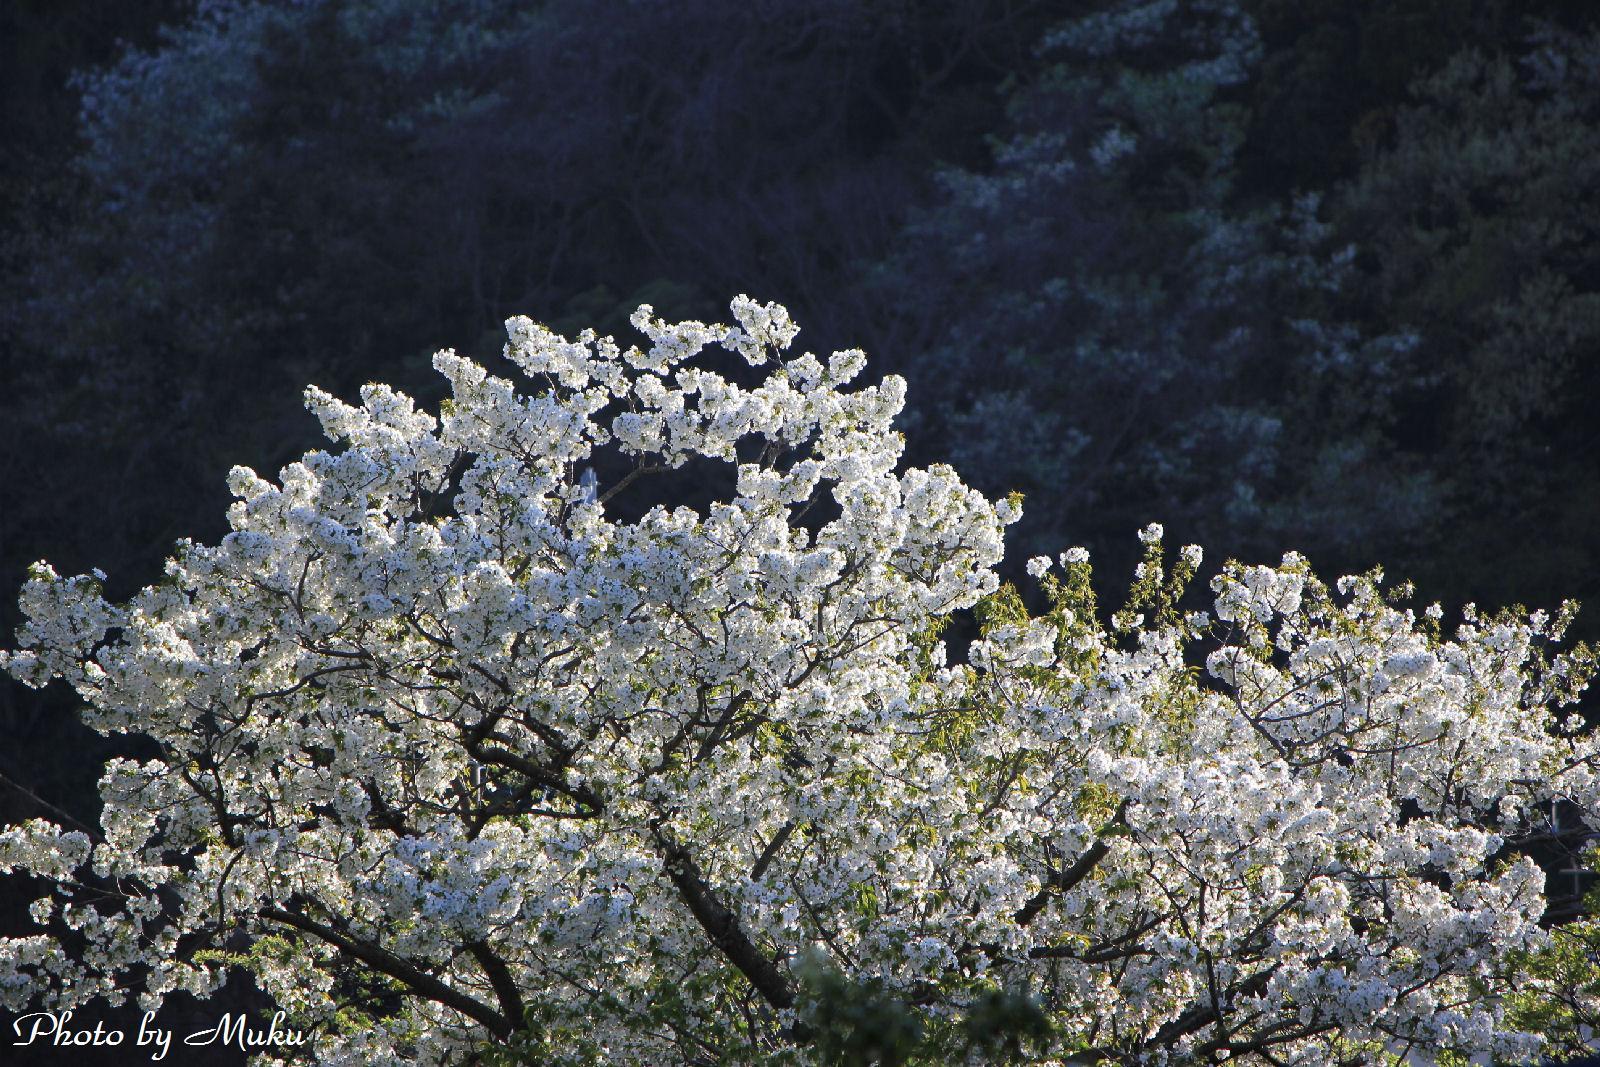 2014.4.5 山桜:散歩道(神奈川県横須賀市)